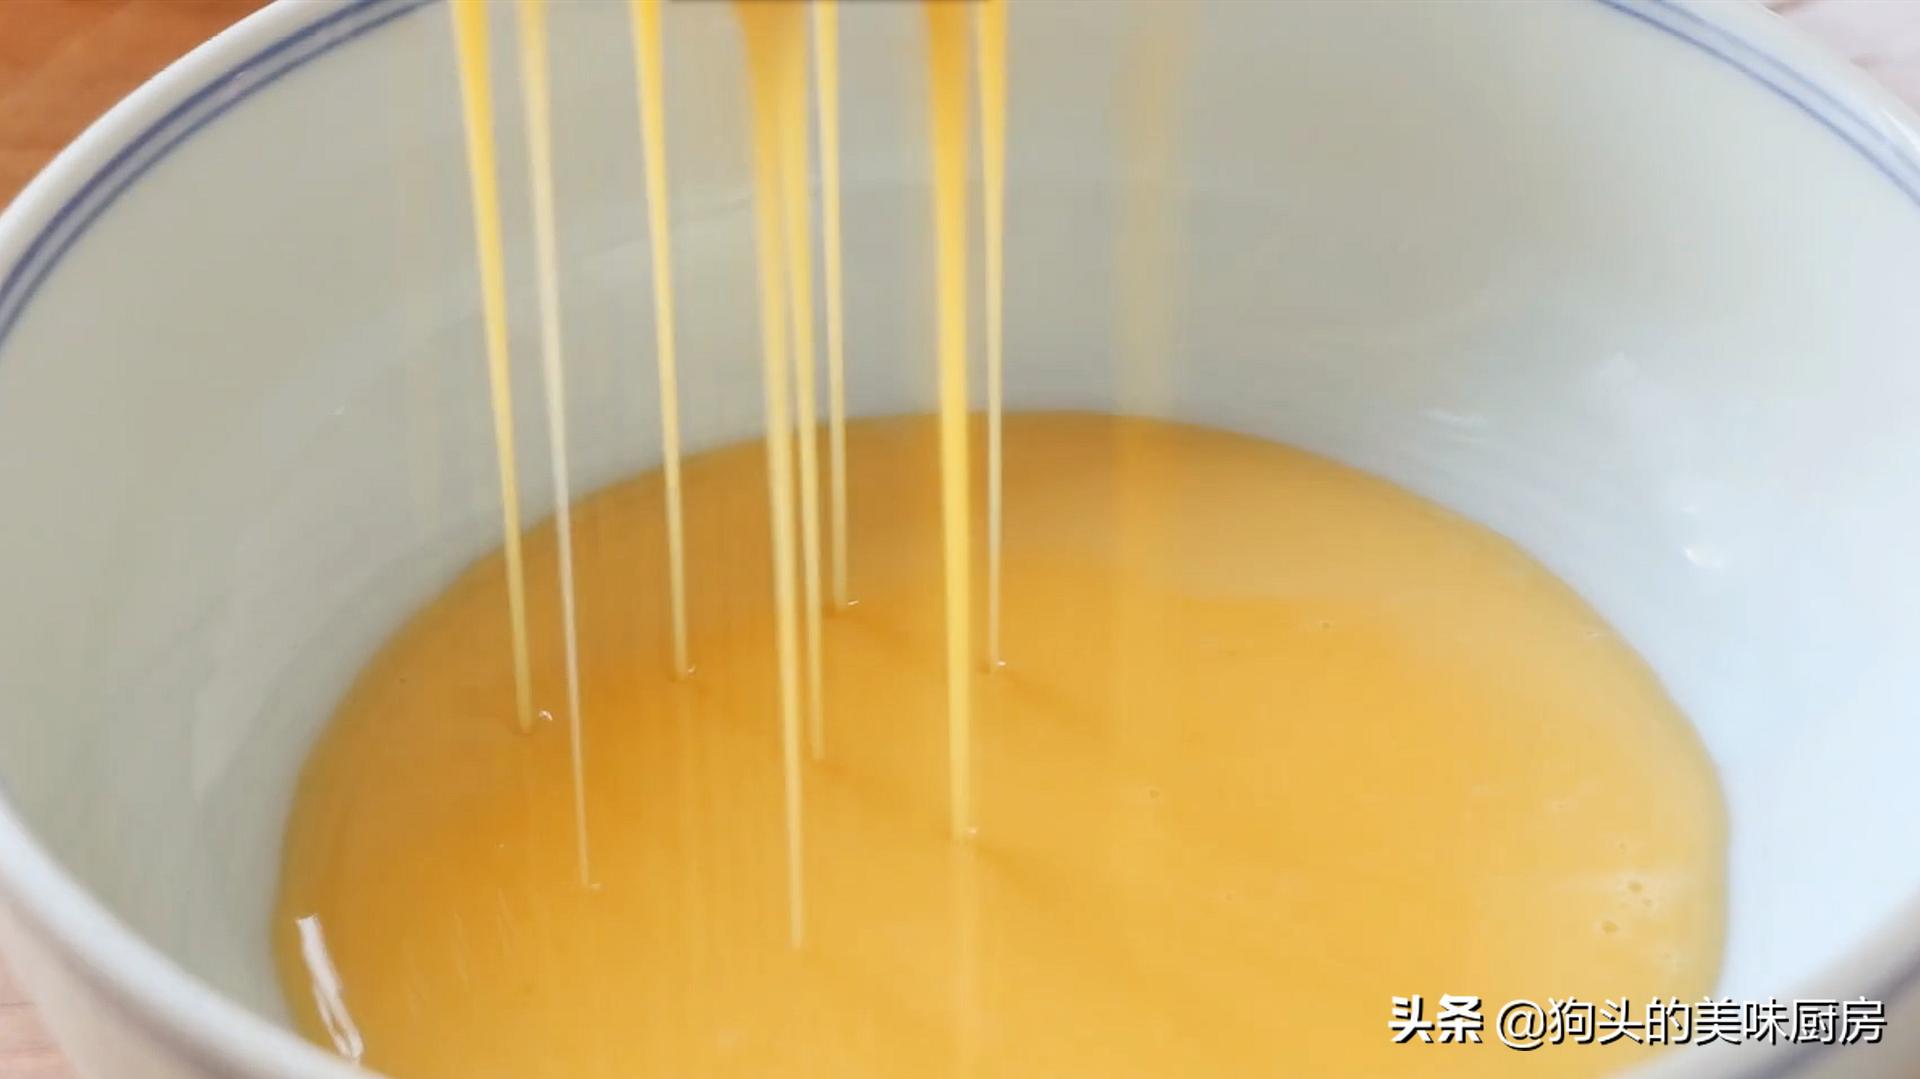 蛋餃用這個方法做,個個圓潤好看,簡單又方便,直接吃燉湯都可以